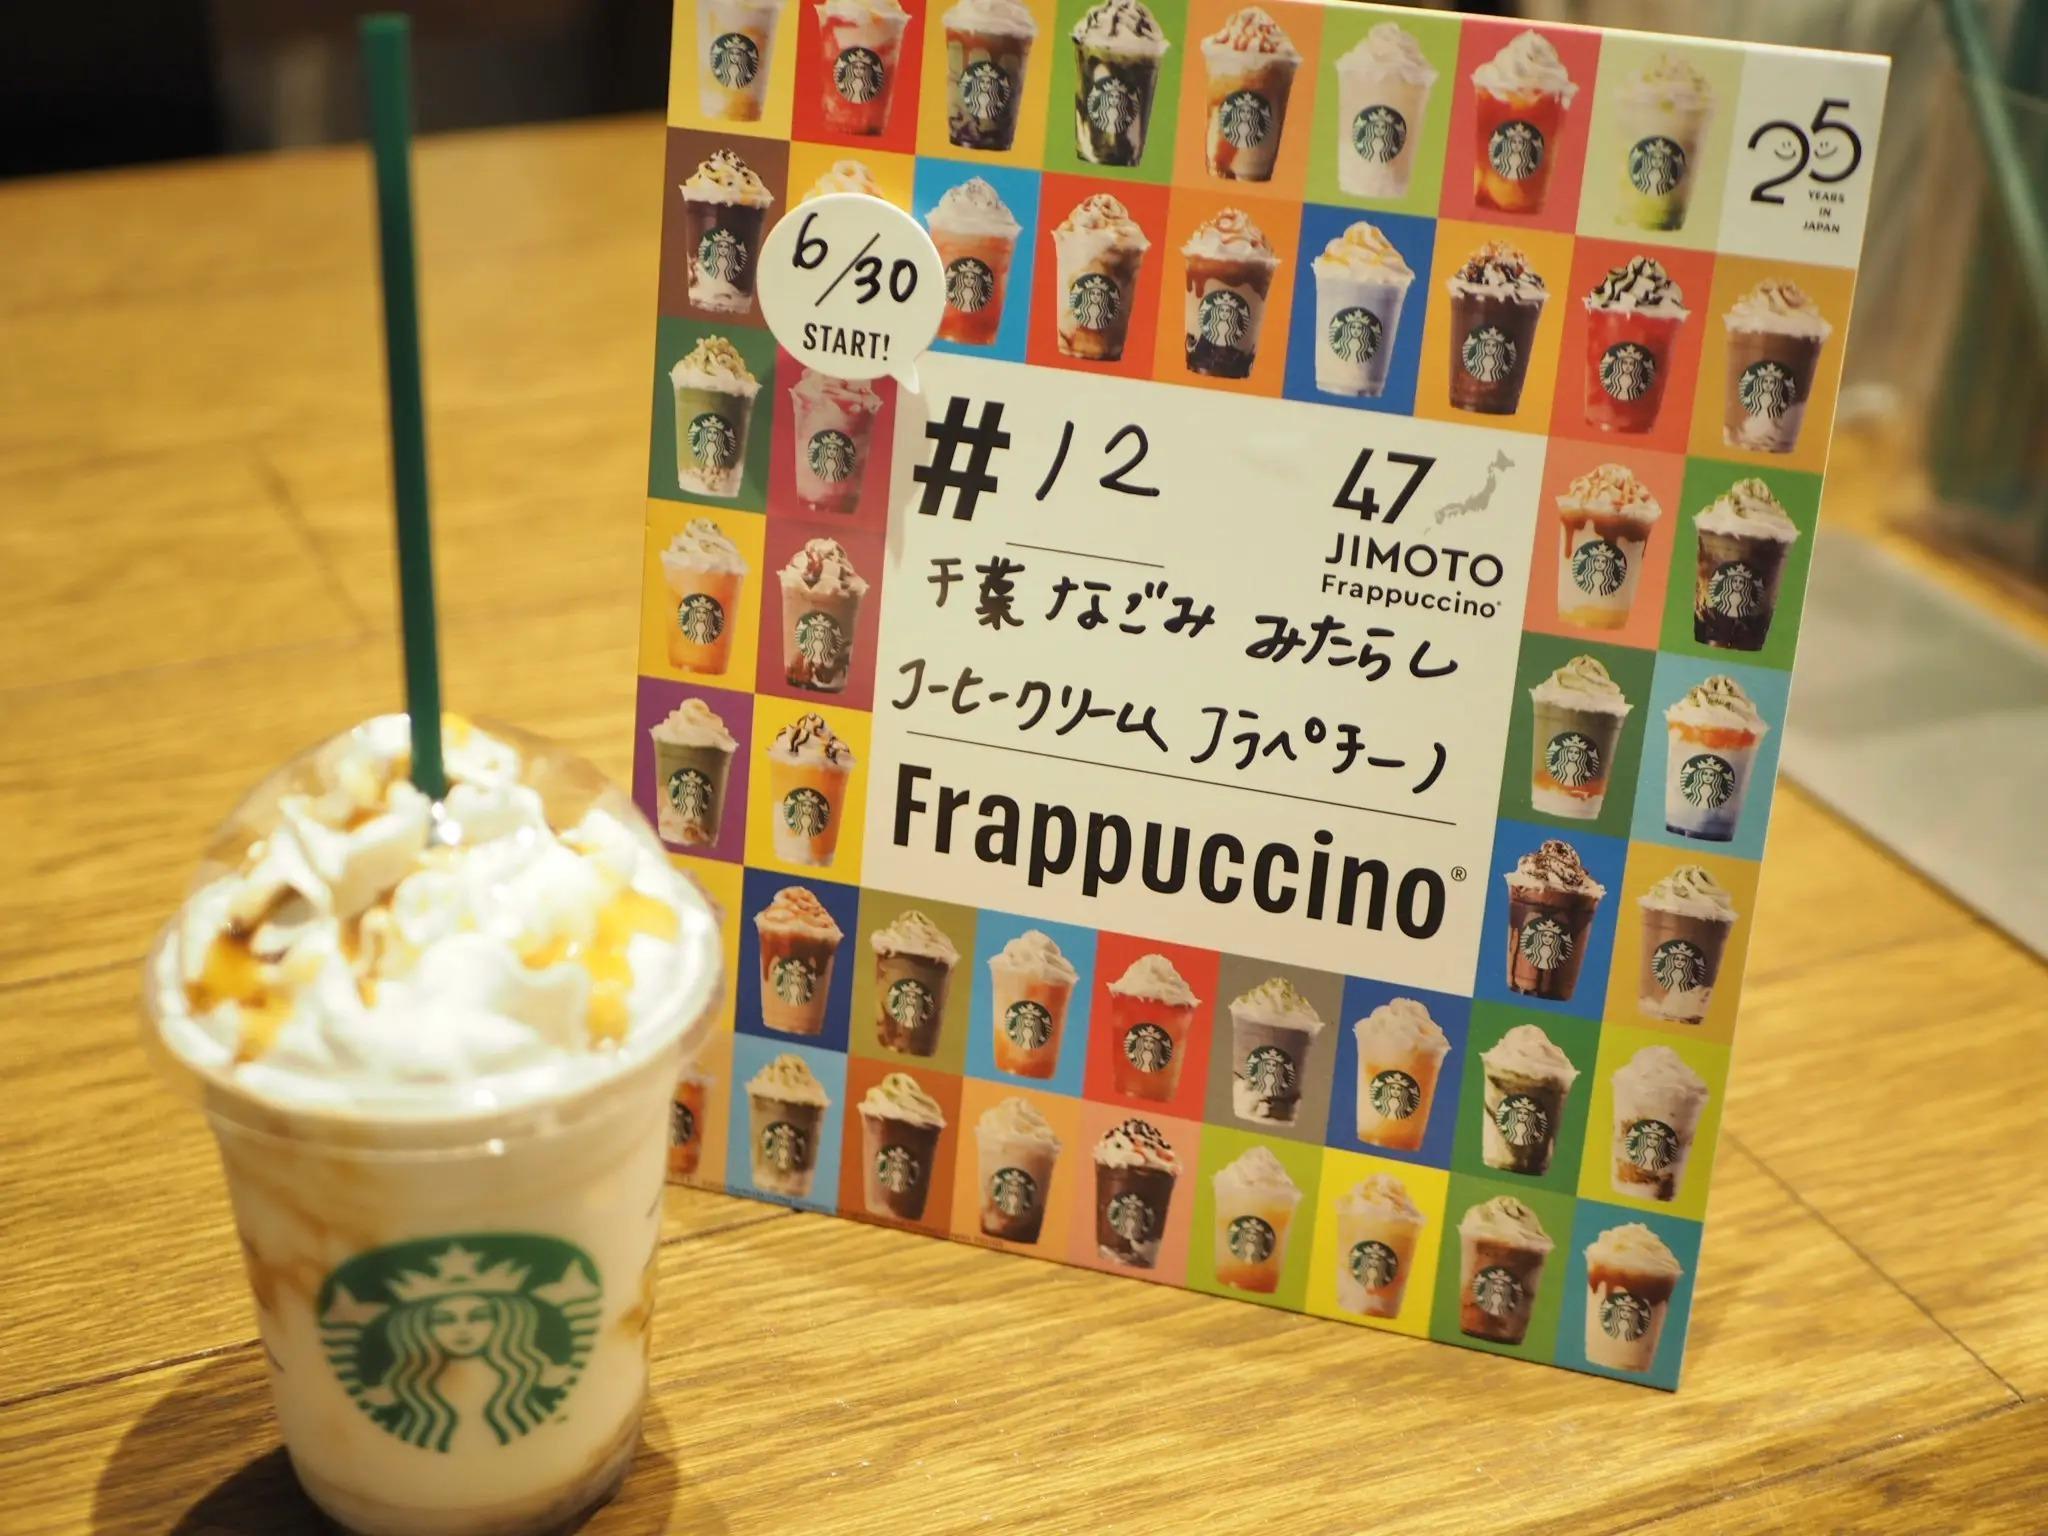 スタバ新作の「千葉 なごみ みたらし コーヒー クリーム フラペチーノ」